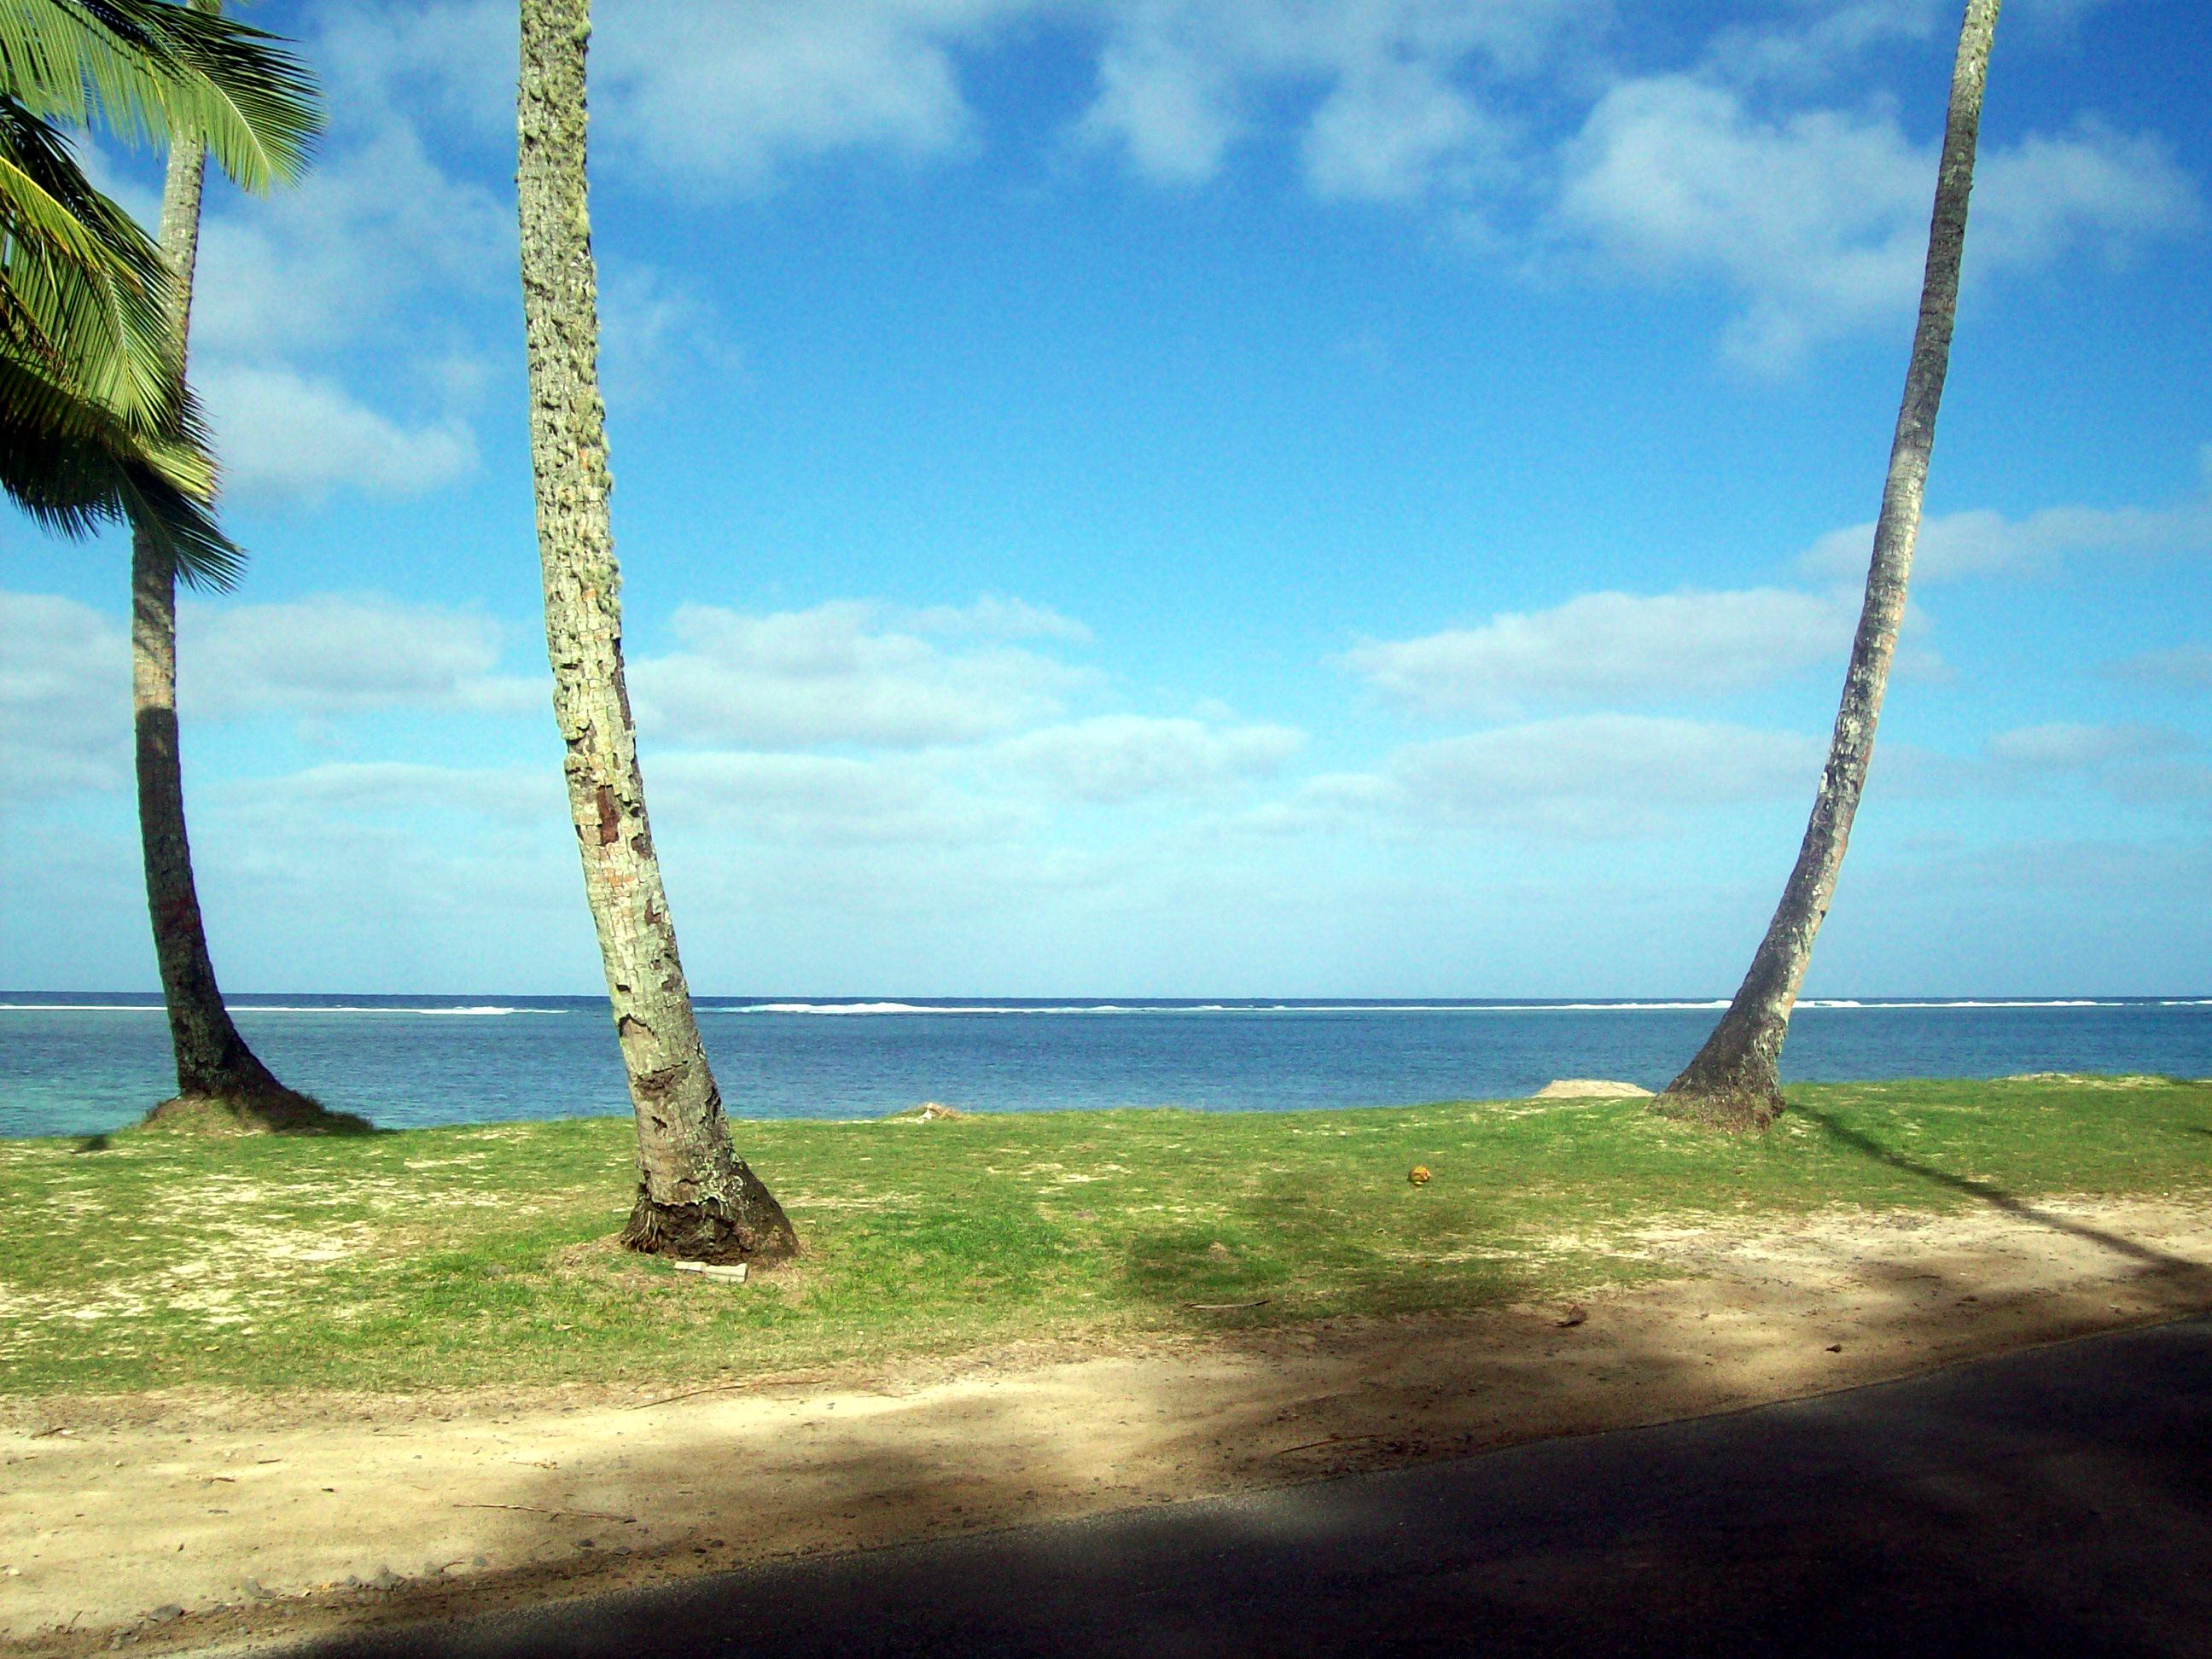 Rarotonga Beach Trees, Sea, Trees, Rarotonga, Raro, HQ Photo